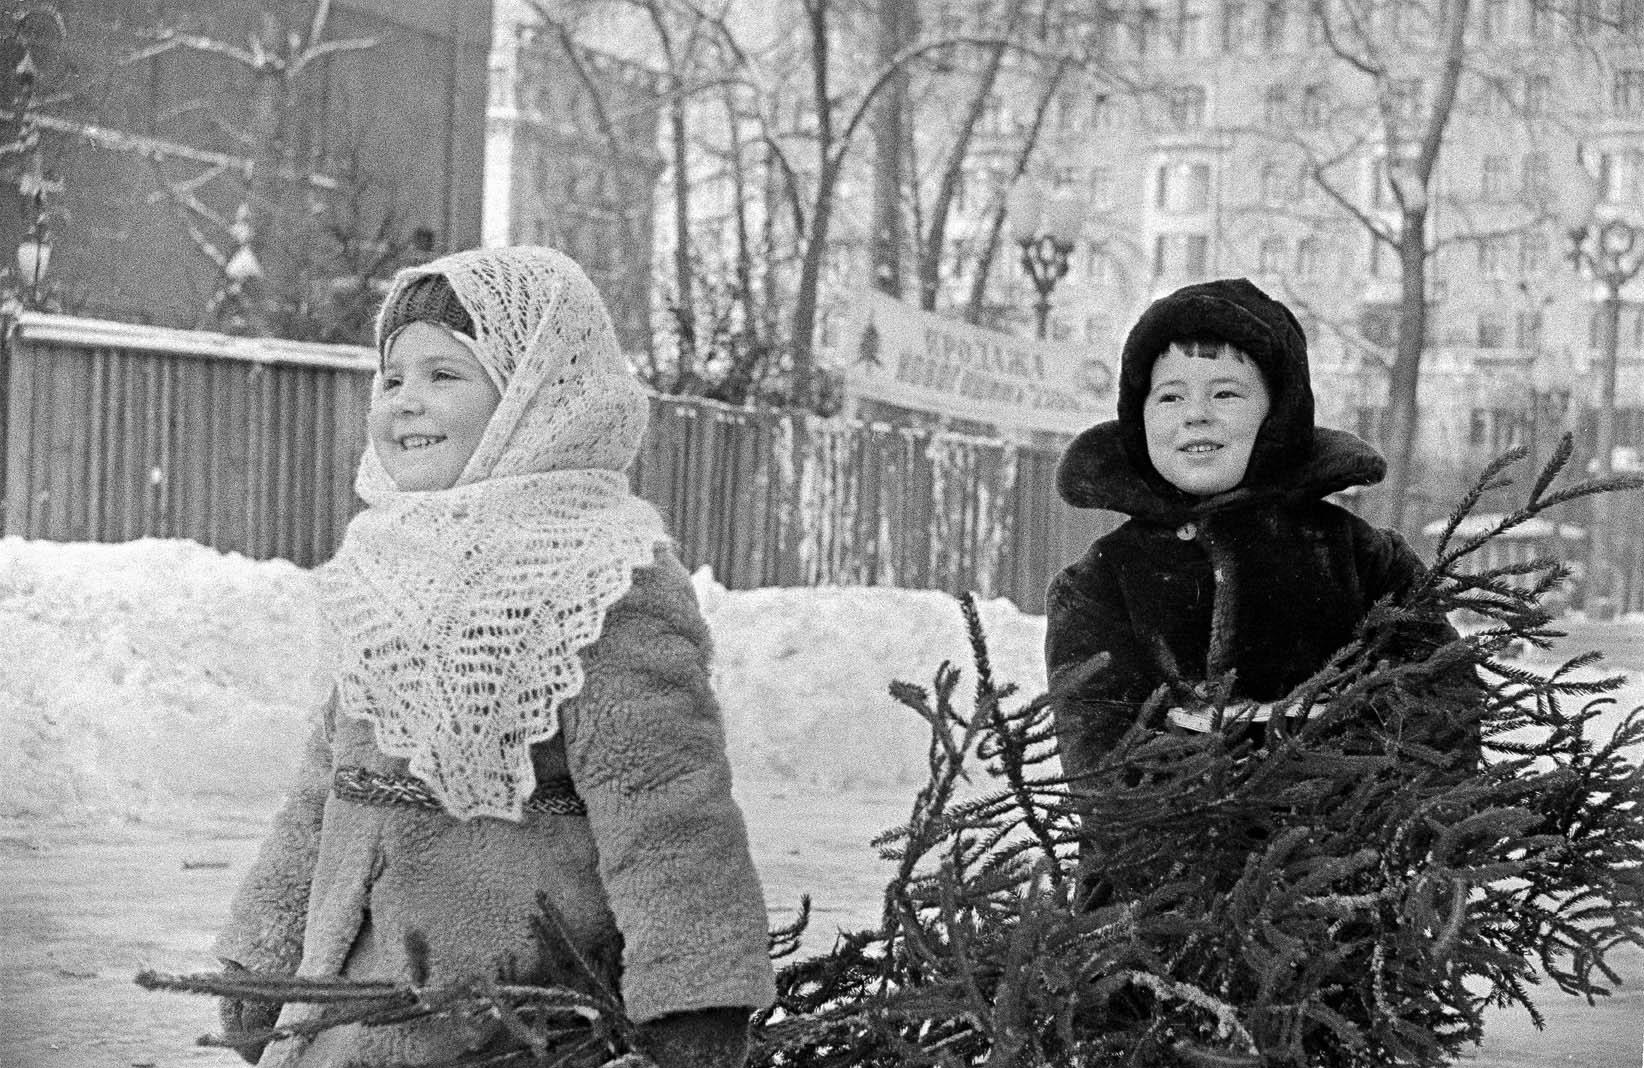 1967. Маленькие москвичи Алла Баскина и Никита Синицын несут домой ёлку. Автор В. Христофоров. 20 декабря